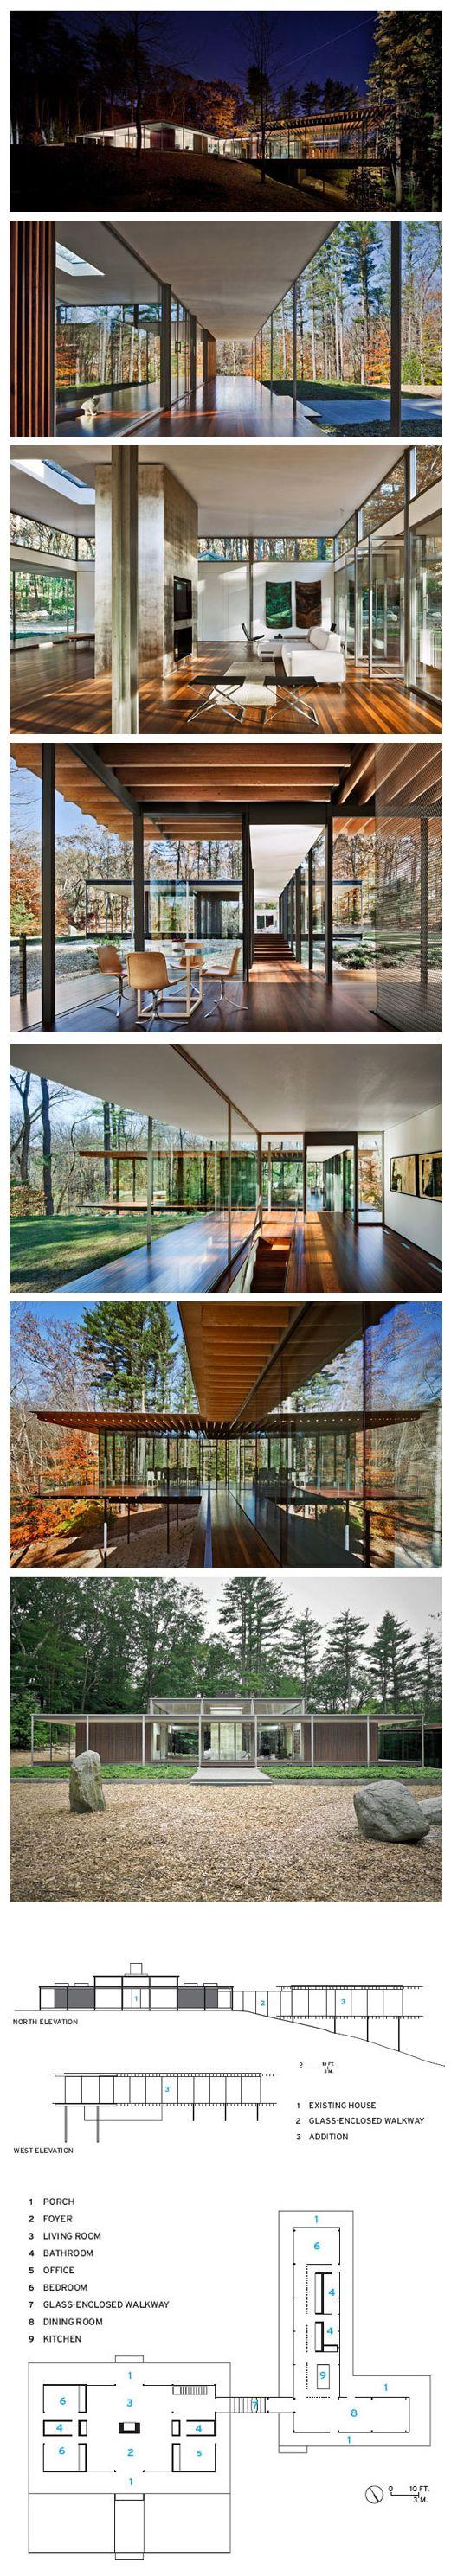 Glass/Wood House by Kengo Kuma & Associates (via Daily Icon) #AwesomeHomes #CoolViews #RealPalMTrees RealPalmTrees.com